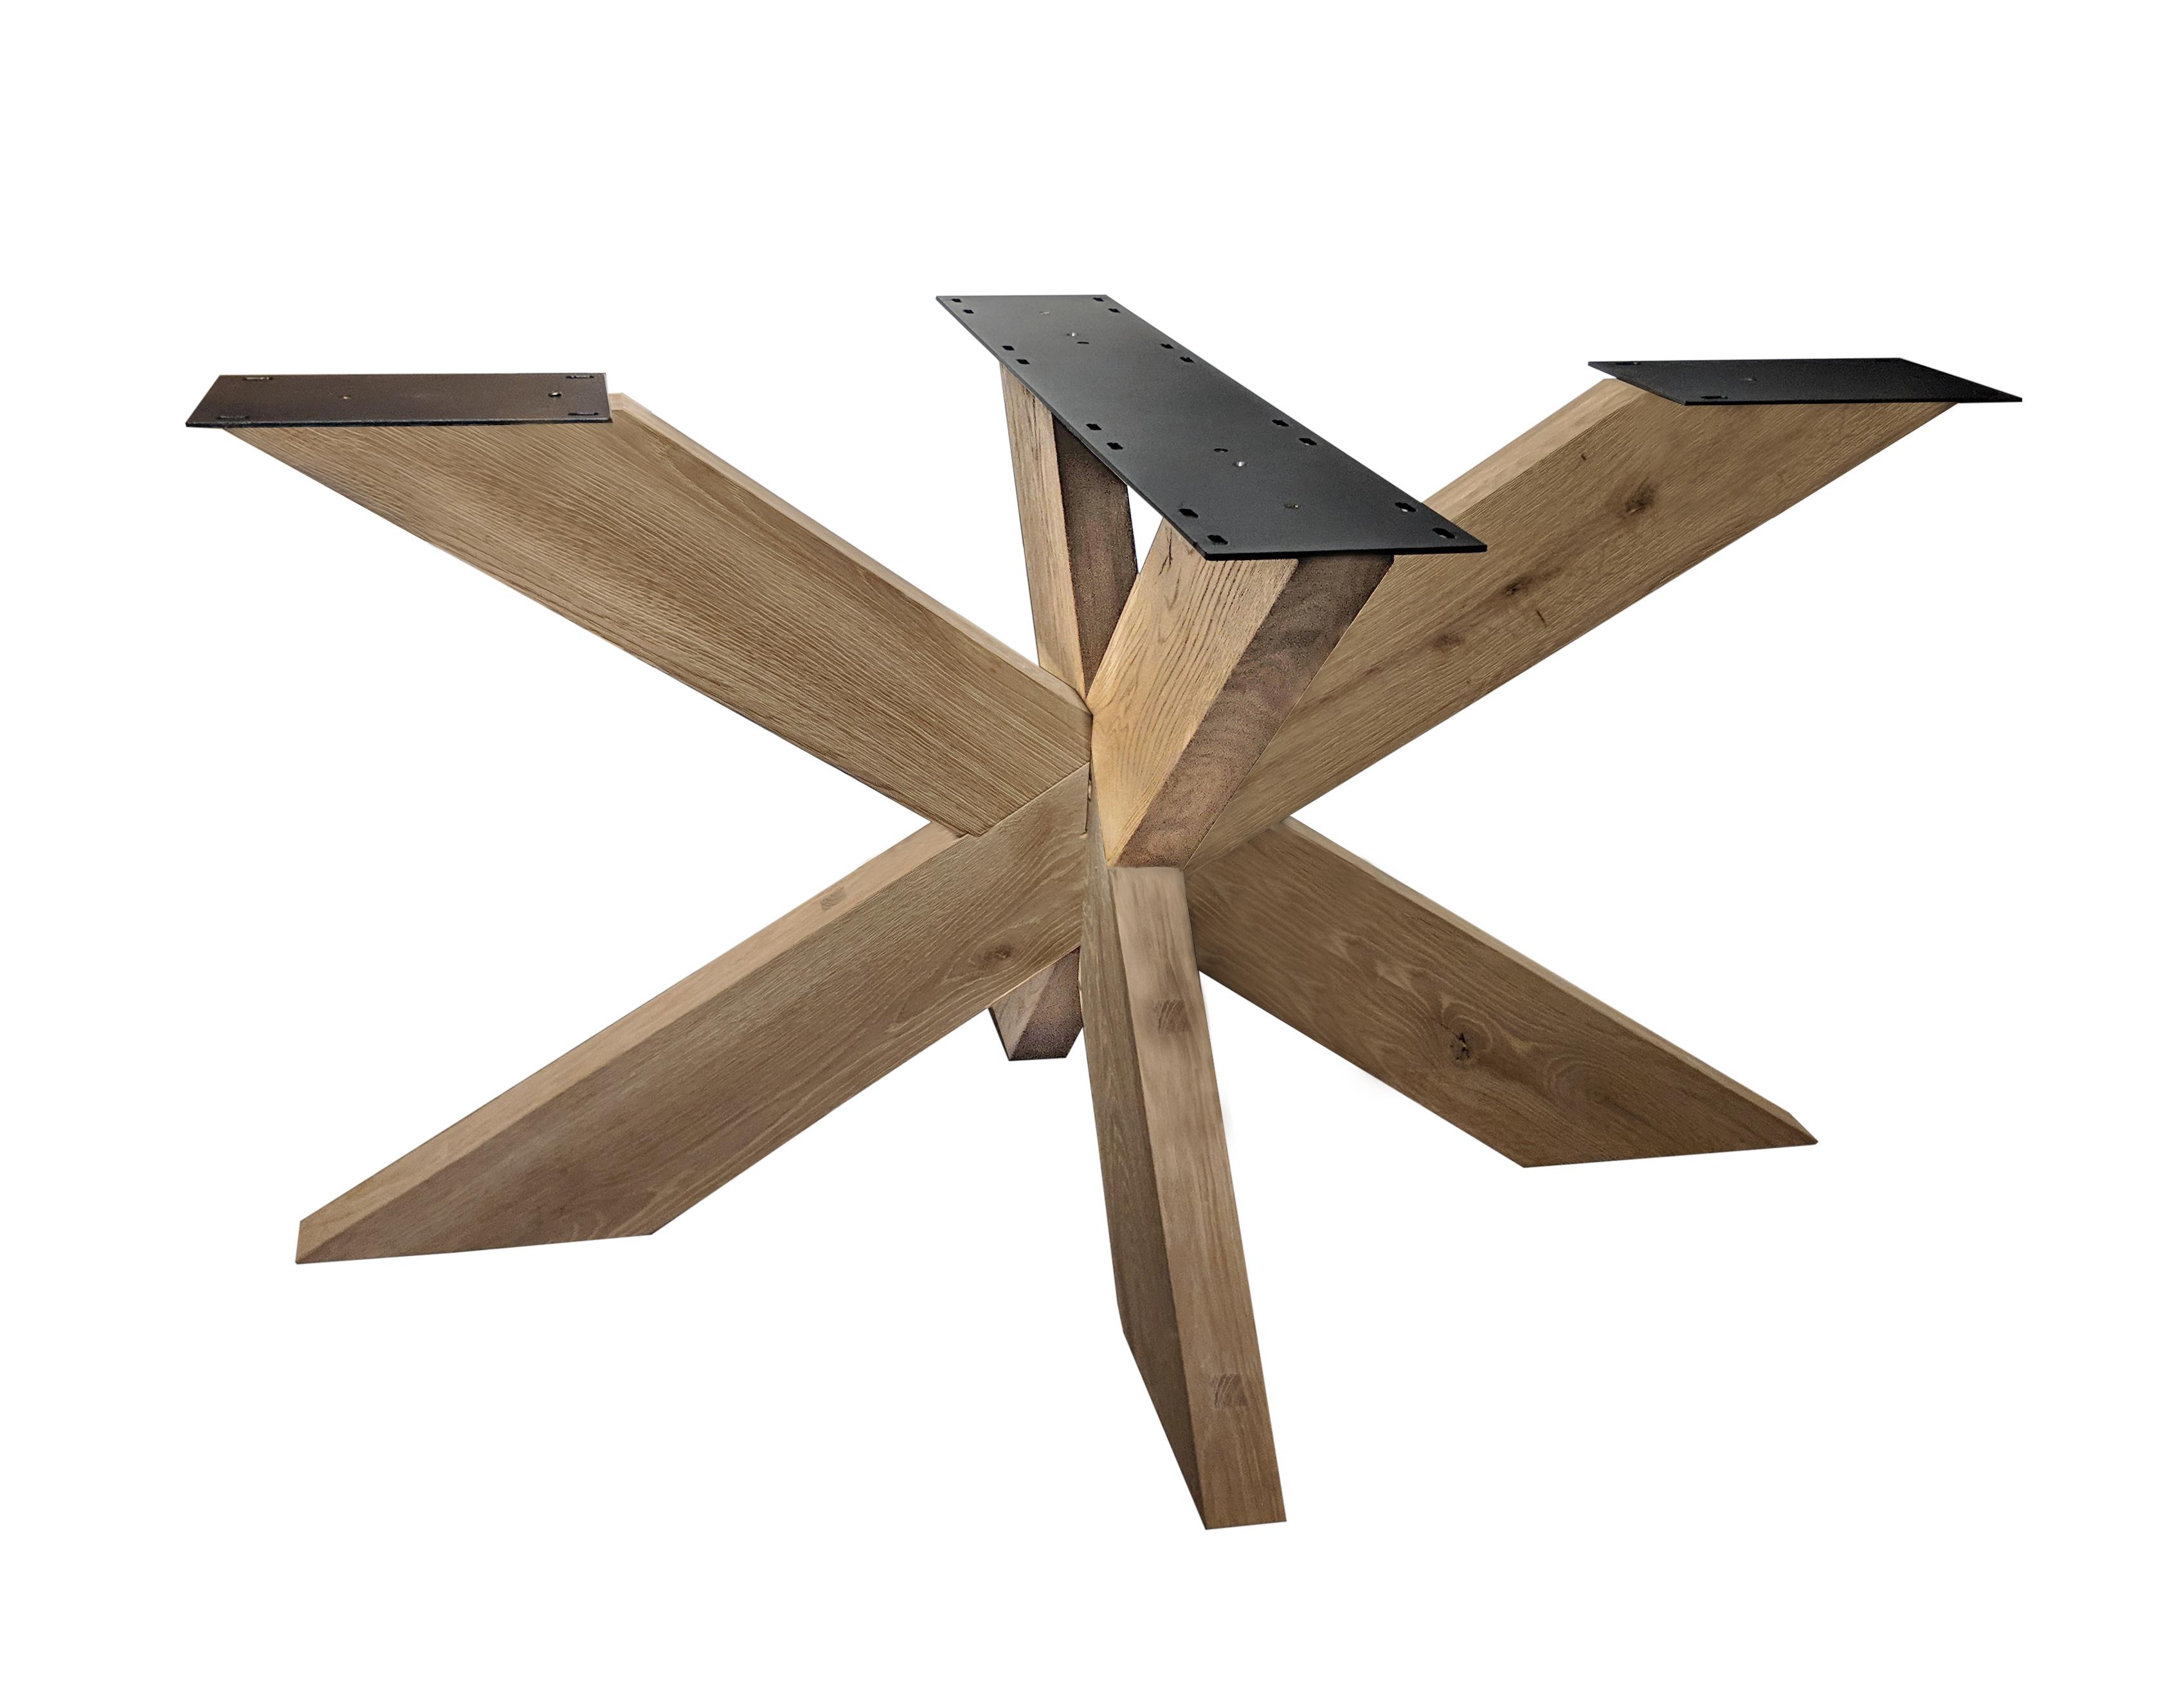 Tischgestell Eiche Spider 6x16 cm - 90x180 cm  - 72 cm hoch - Eichenholz Rustikal - massives Tischunterstell Rechteck, oval & gross rund (Mittelfuß) - Künstlich getrocknet HF 12%